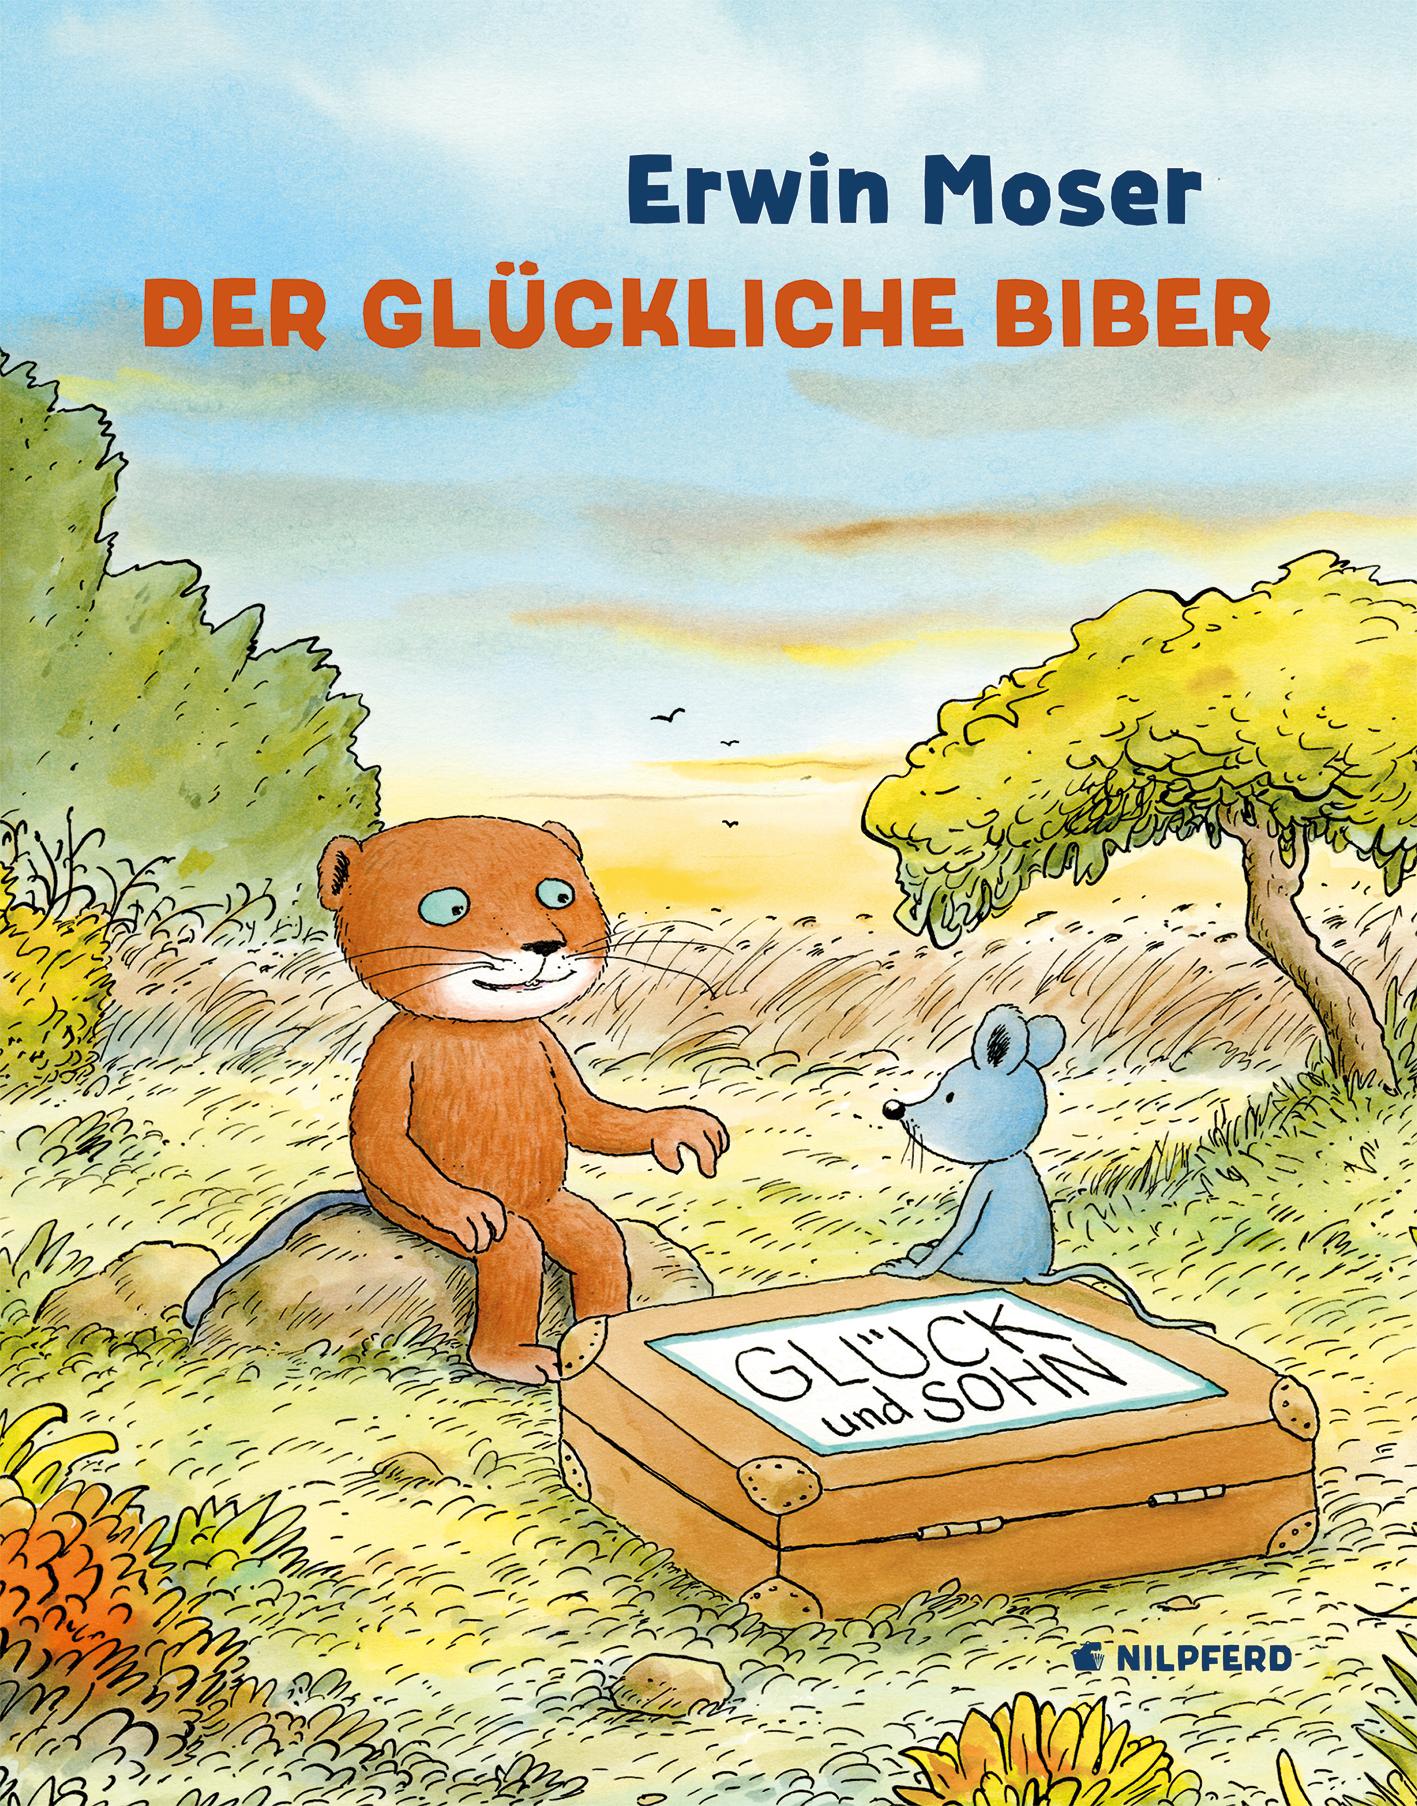 Der glückliche Biber - Erwin Moser